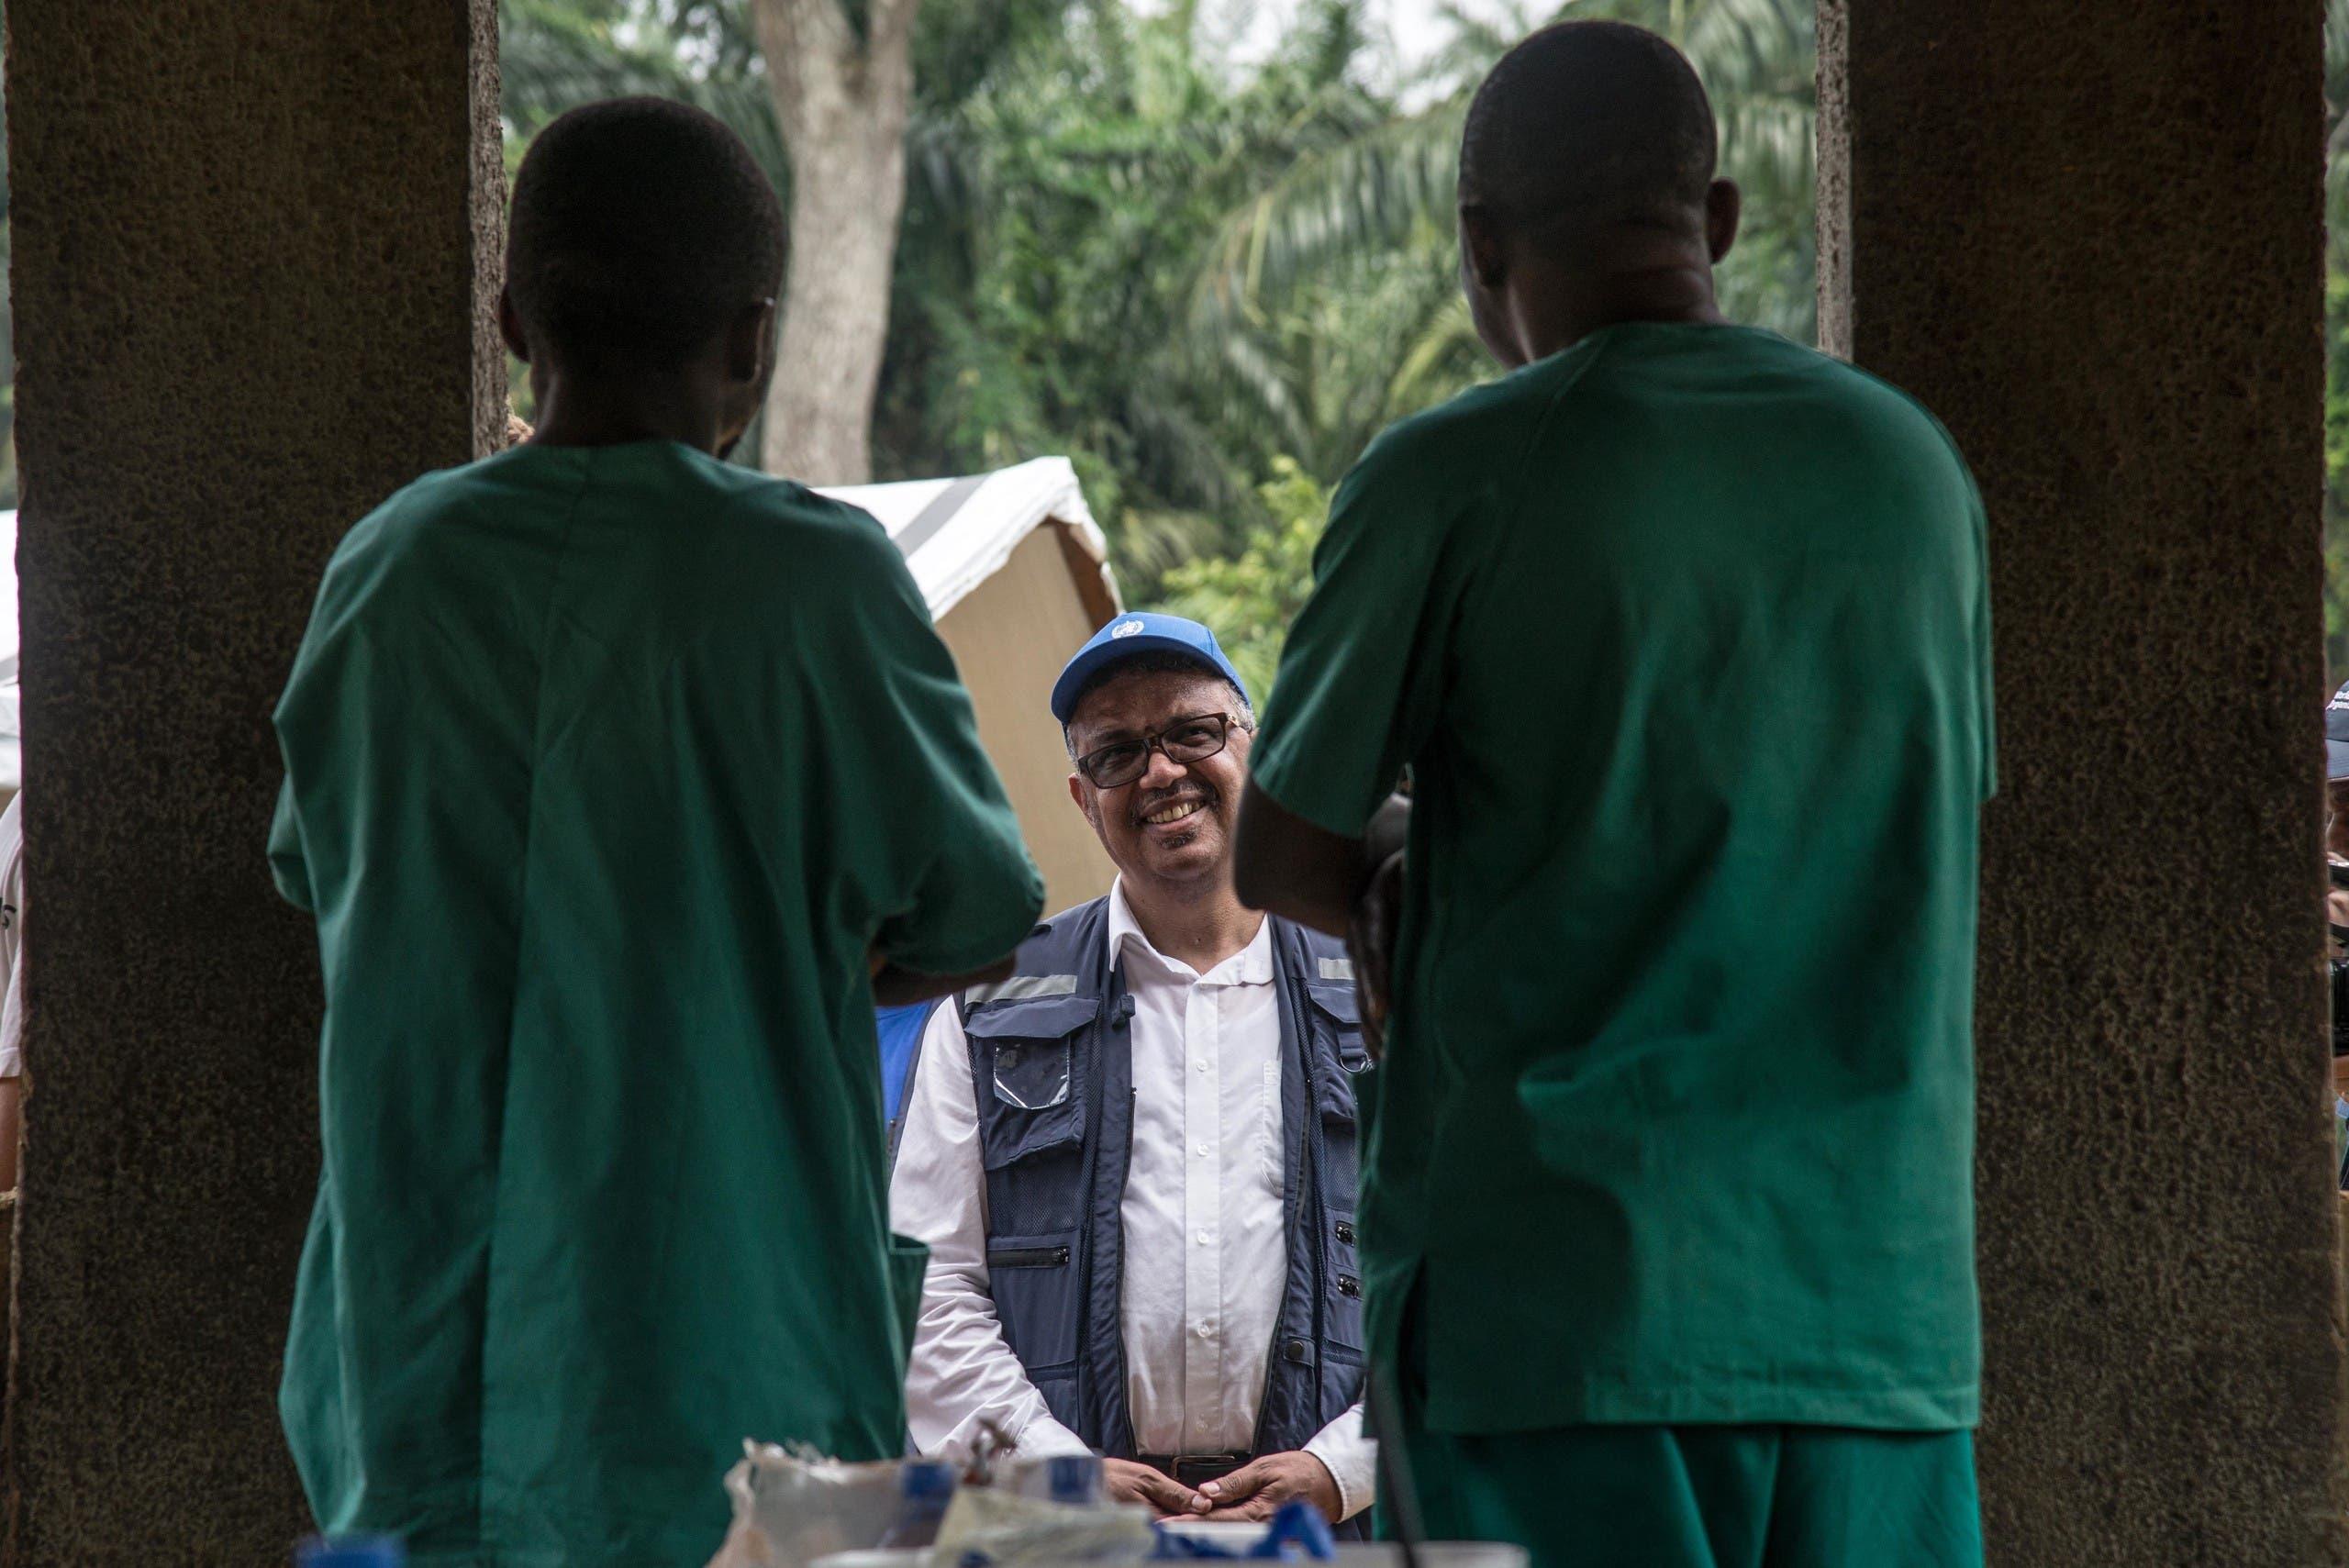 تيدروس أدهانوم غيبرييسوس خلال زيارته للكونغو الديمقراطية في 2018 لمواكبة حملة مكافحة ايبولا